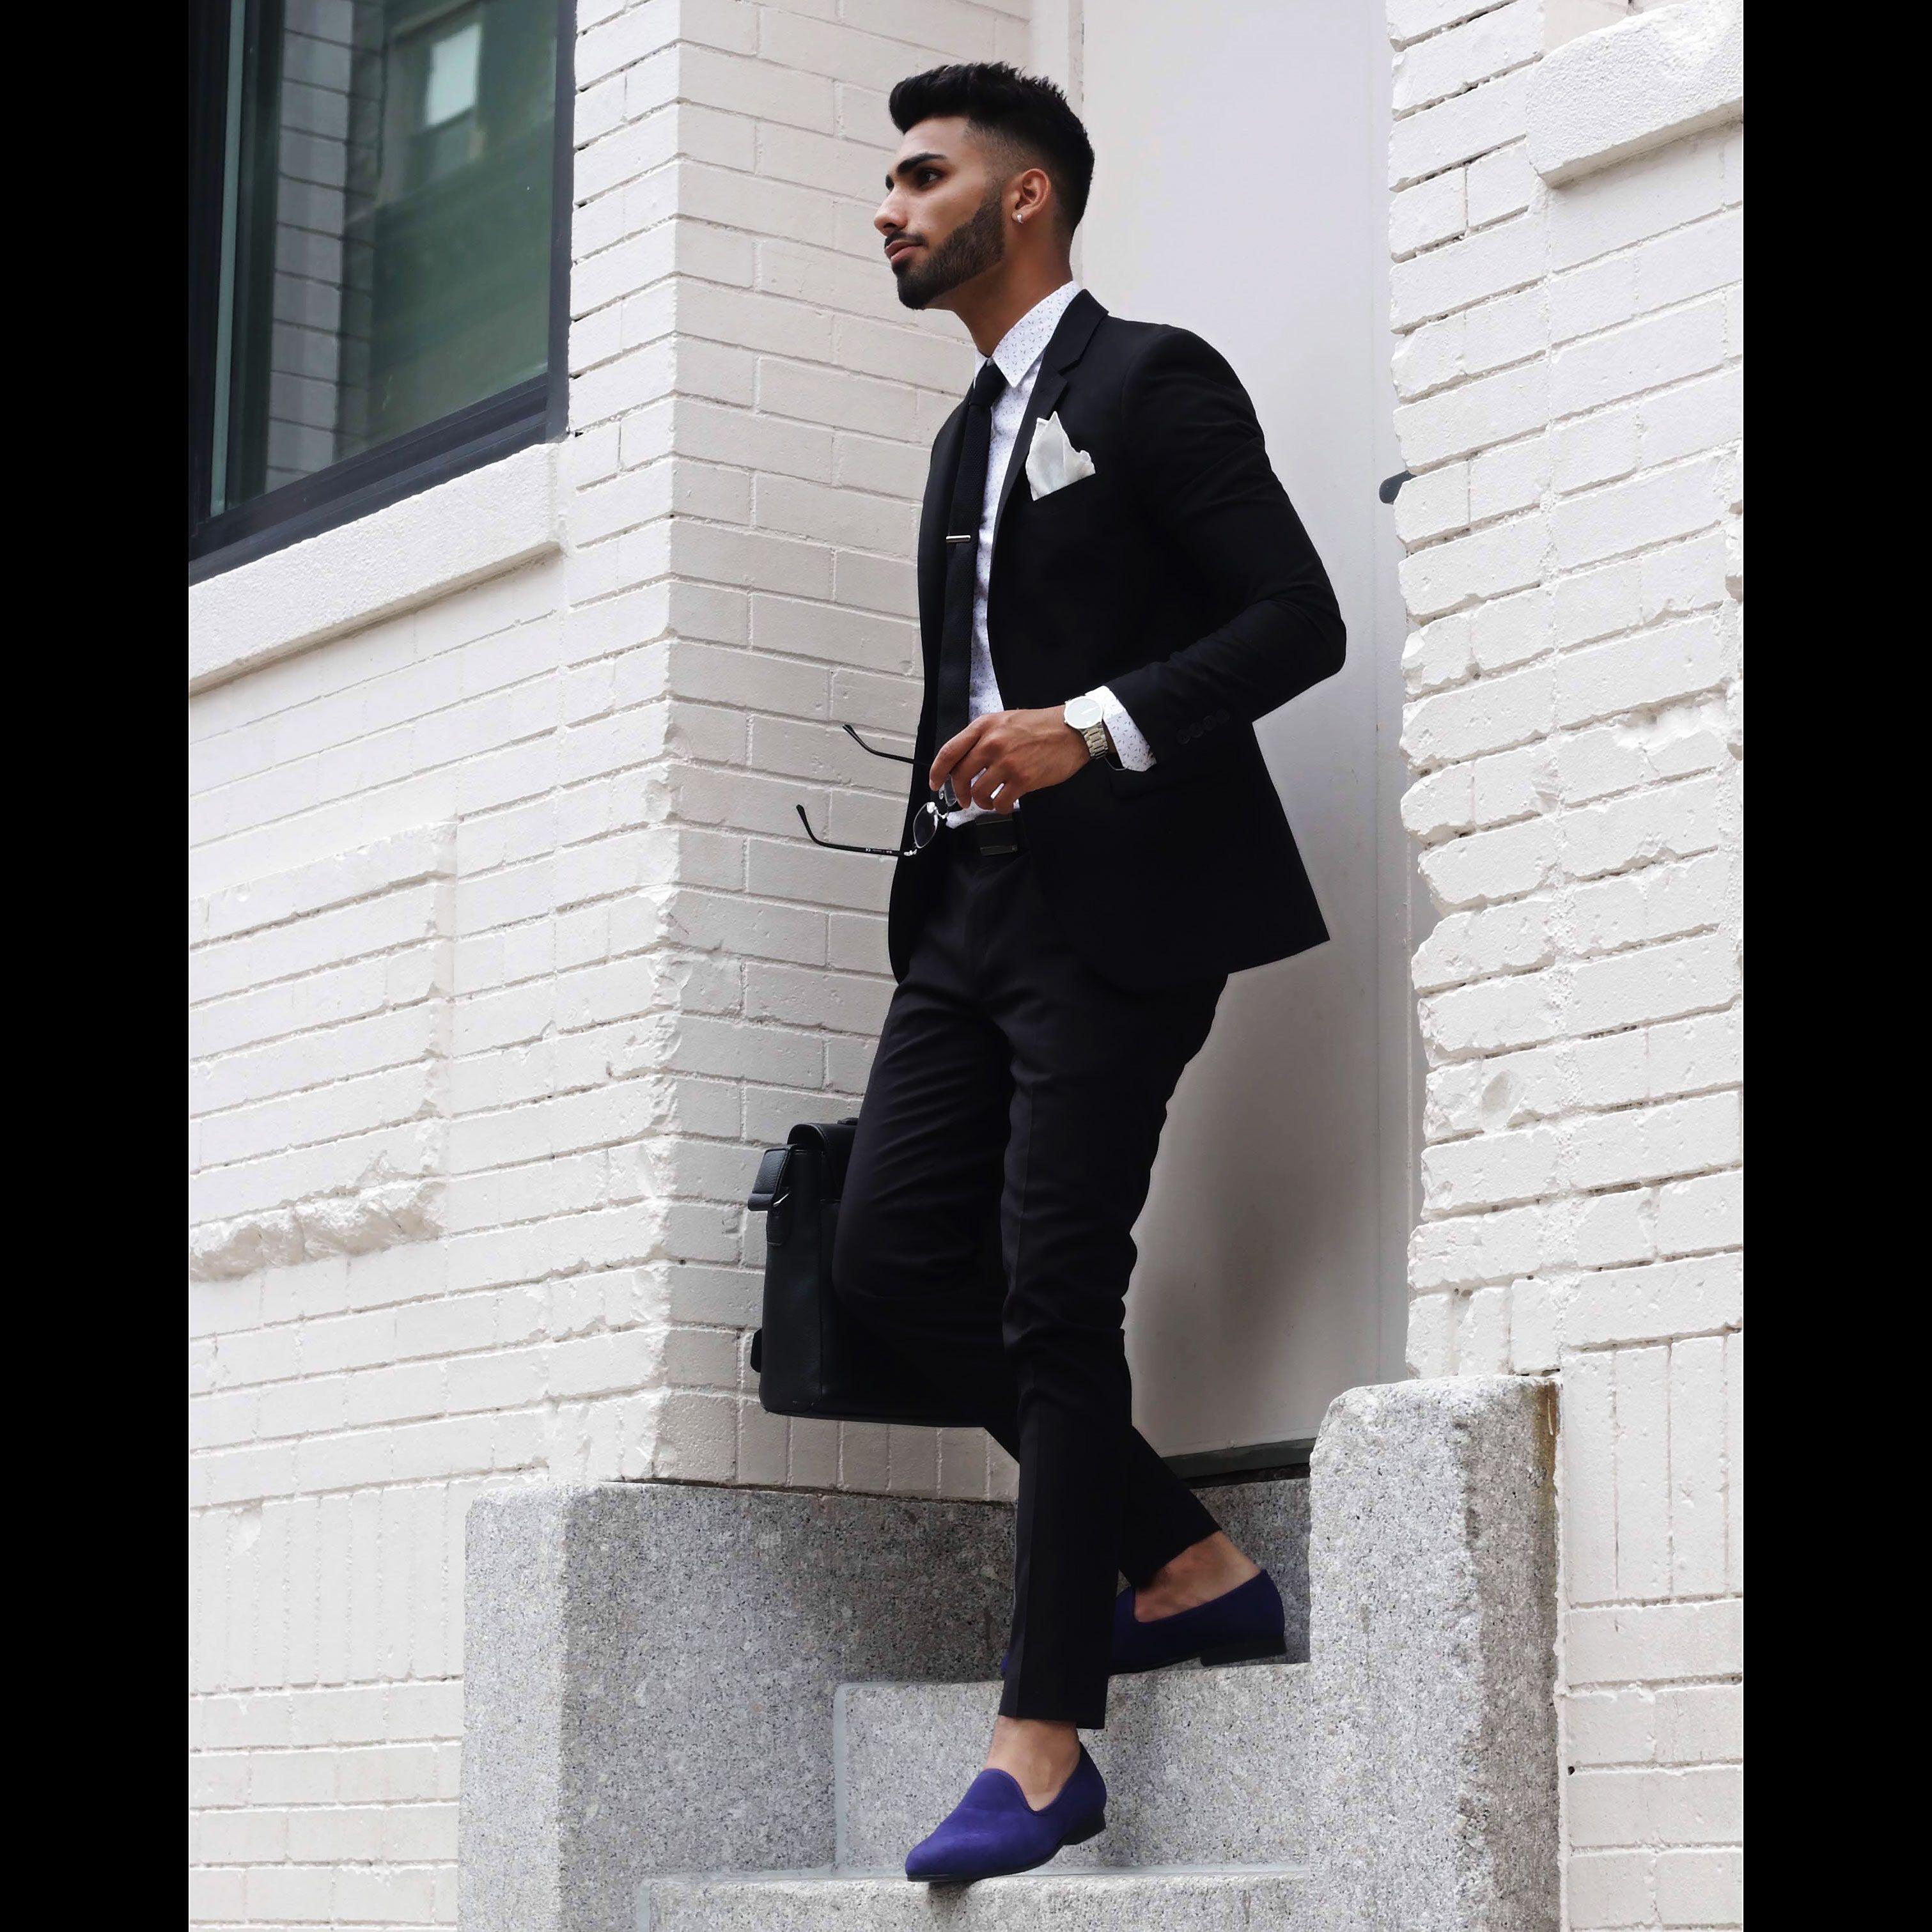 e392dbfadb03 Navy blue velvet slippers + black suit